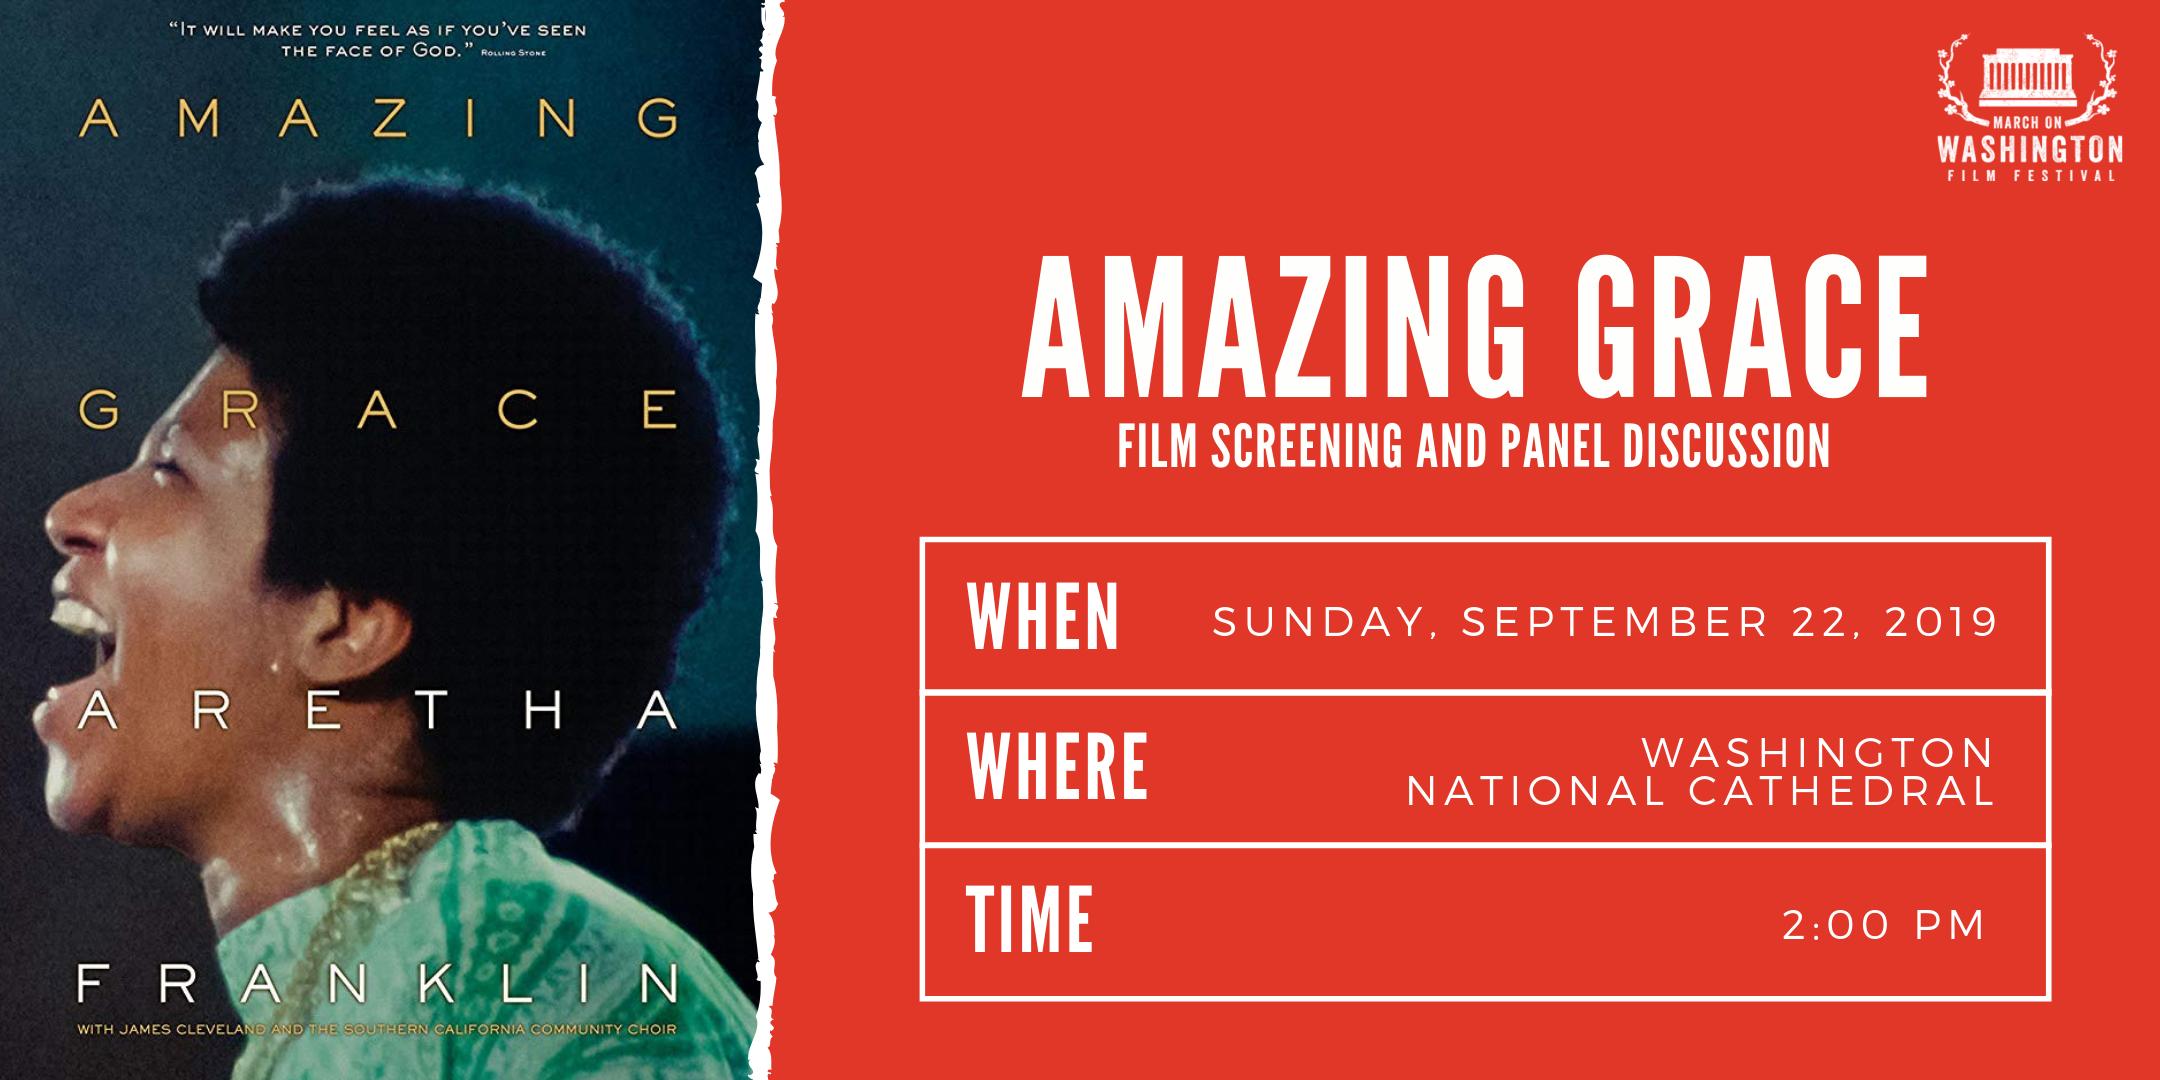 2019 March on Washington Film Festival — March on Washington